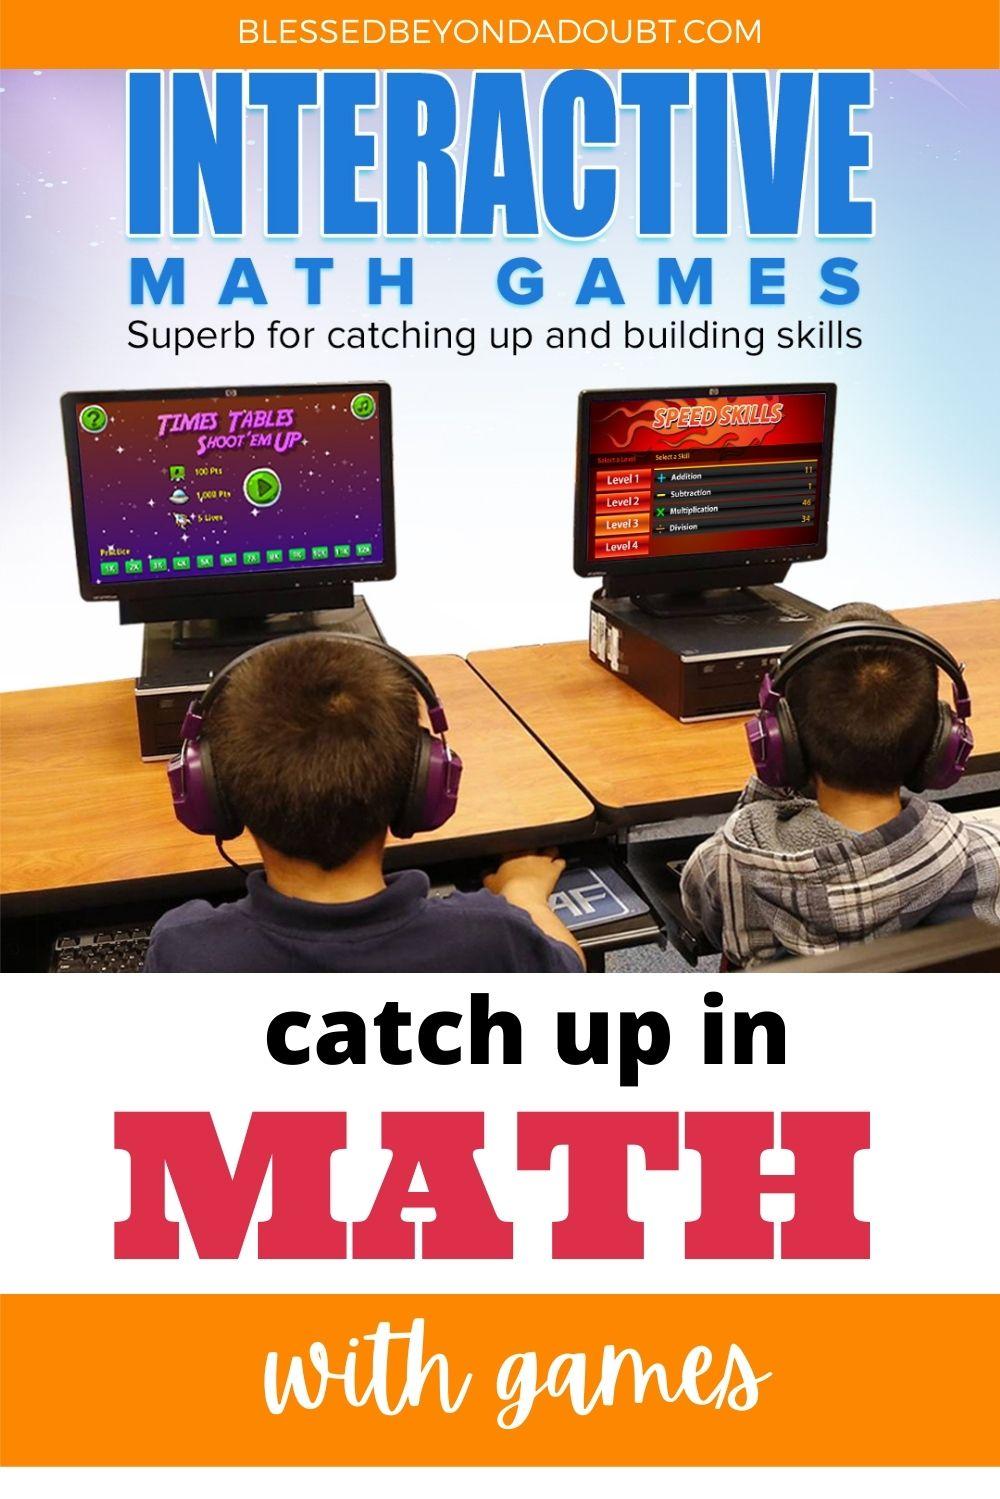 #ctcmath #ctcmathhomeschool #mathforkids #mathworksheets #onlinemathgamesforkids #kidsmathgamesonline